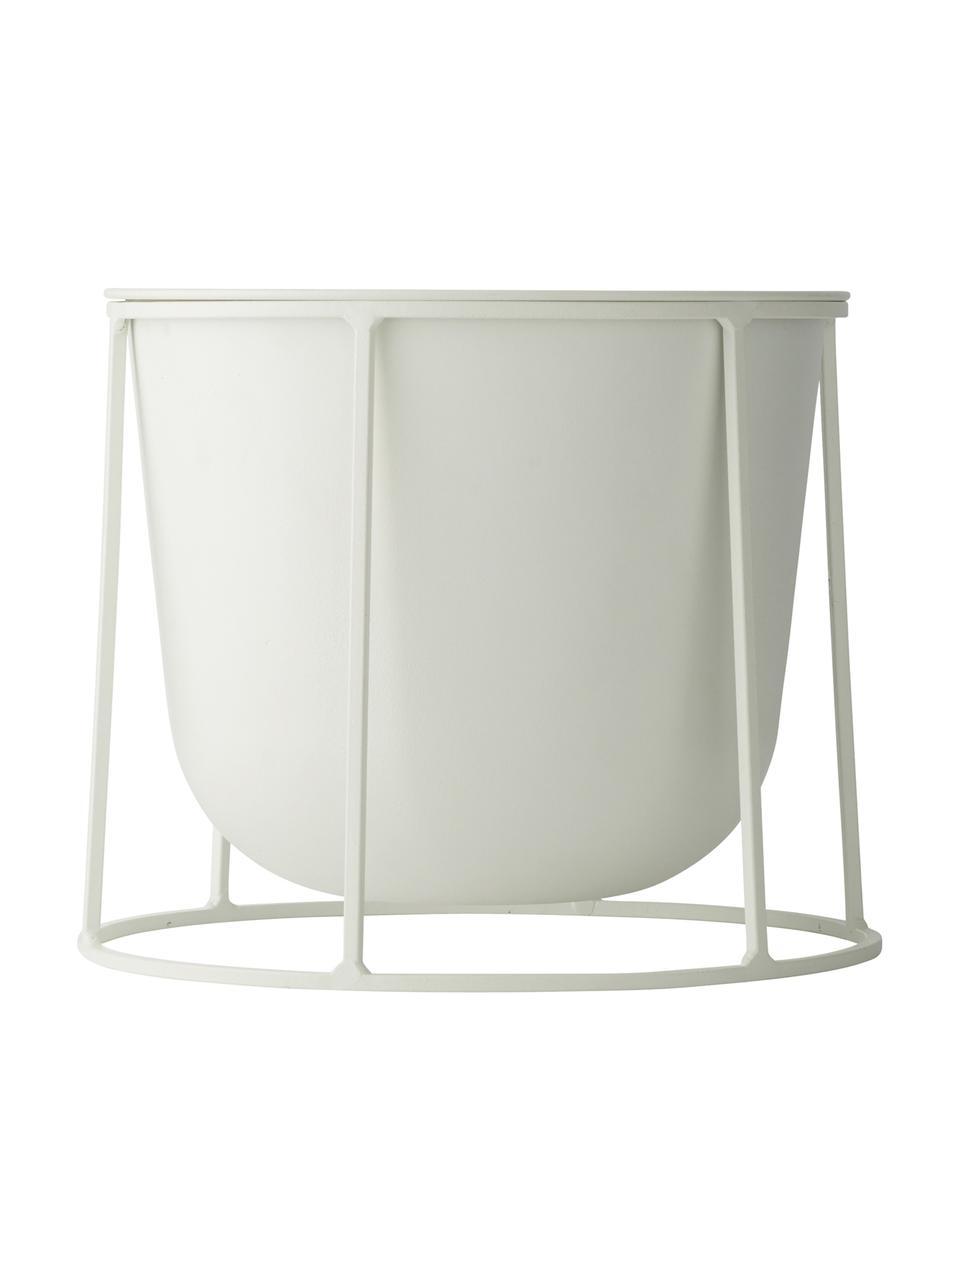 Stand portavaso in acciaio Wire Base, Acciaio verniciato a polvere, Bianco, Ø 23 x Alt. 20 cm